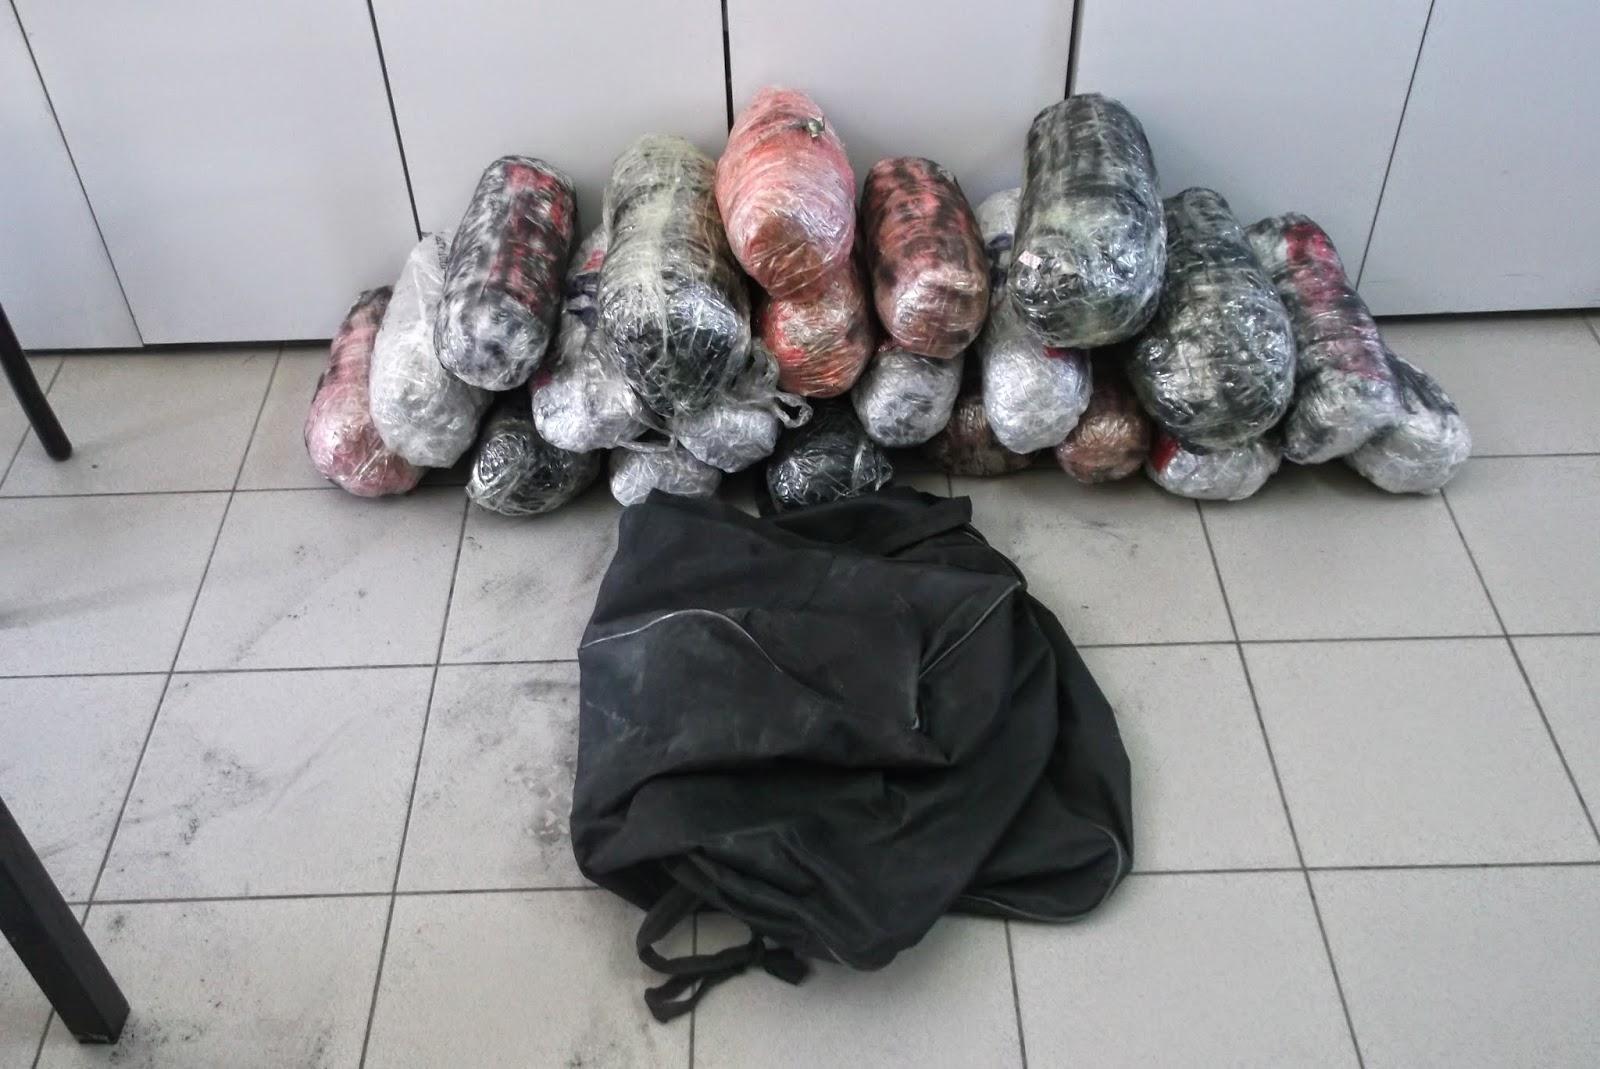 Σύλληψη δύο ατόμων στην Κρυσταλλοπηγή για εισαγωγή και μεταφορά ναρκωτικών ουσιών